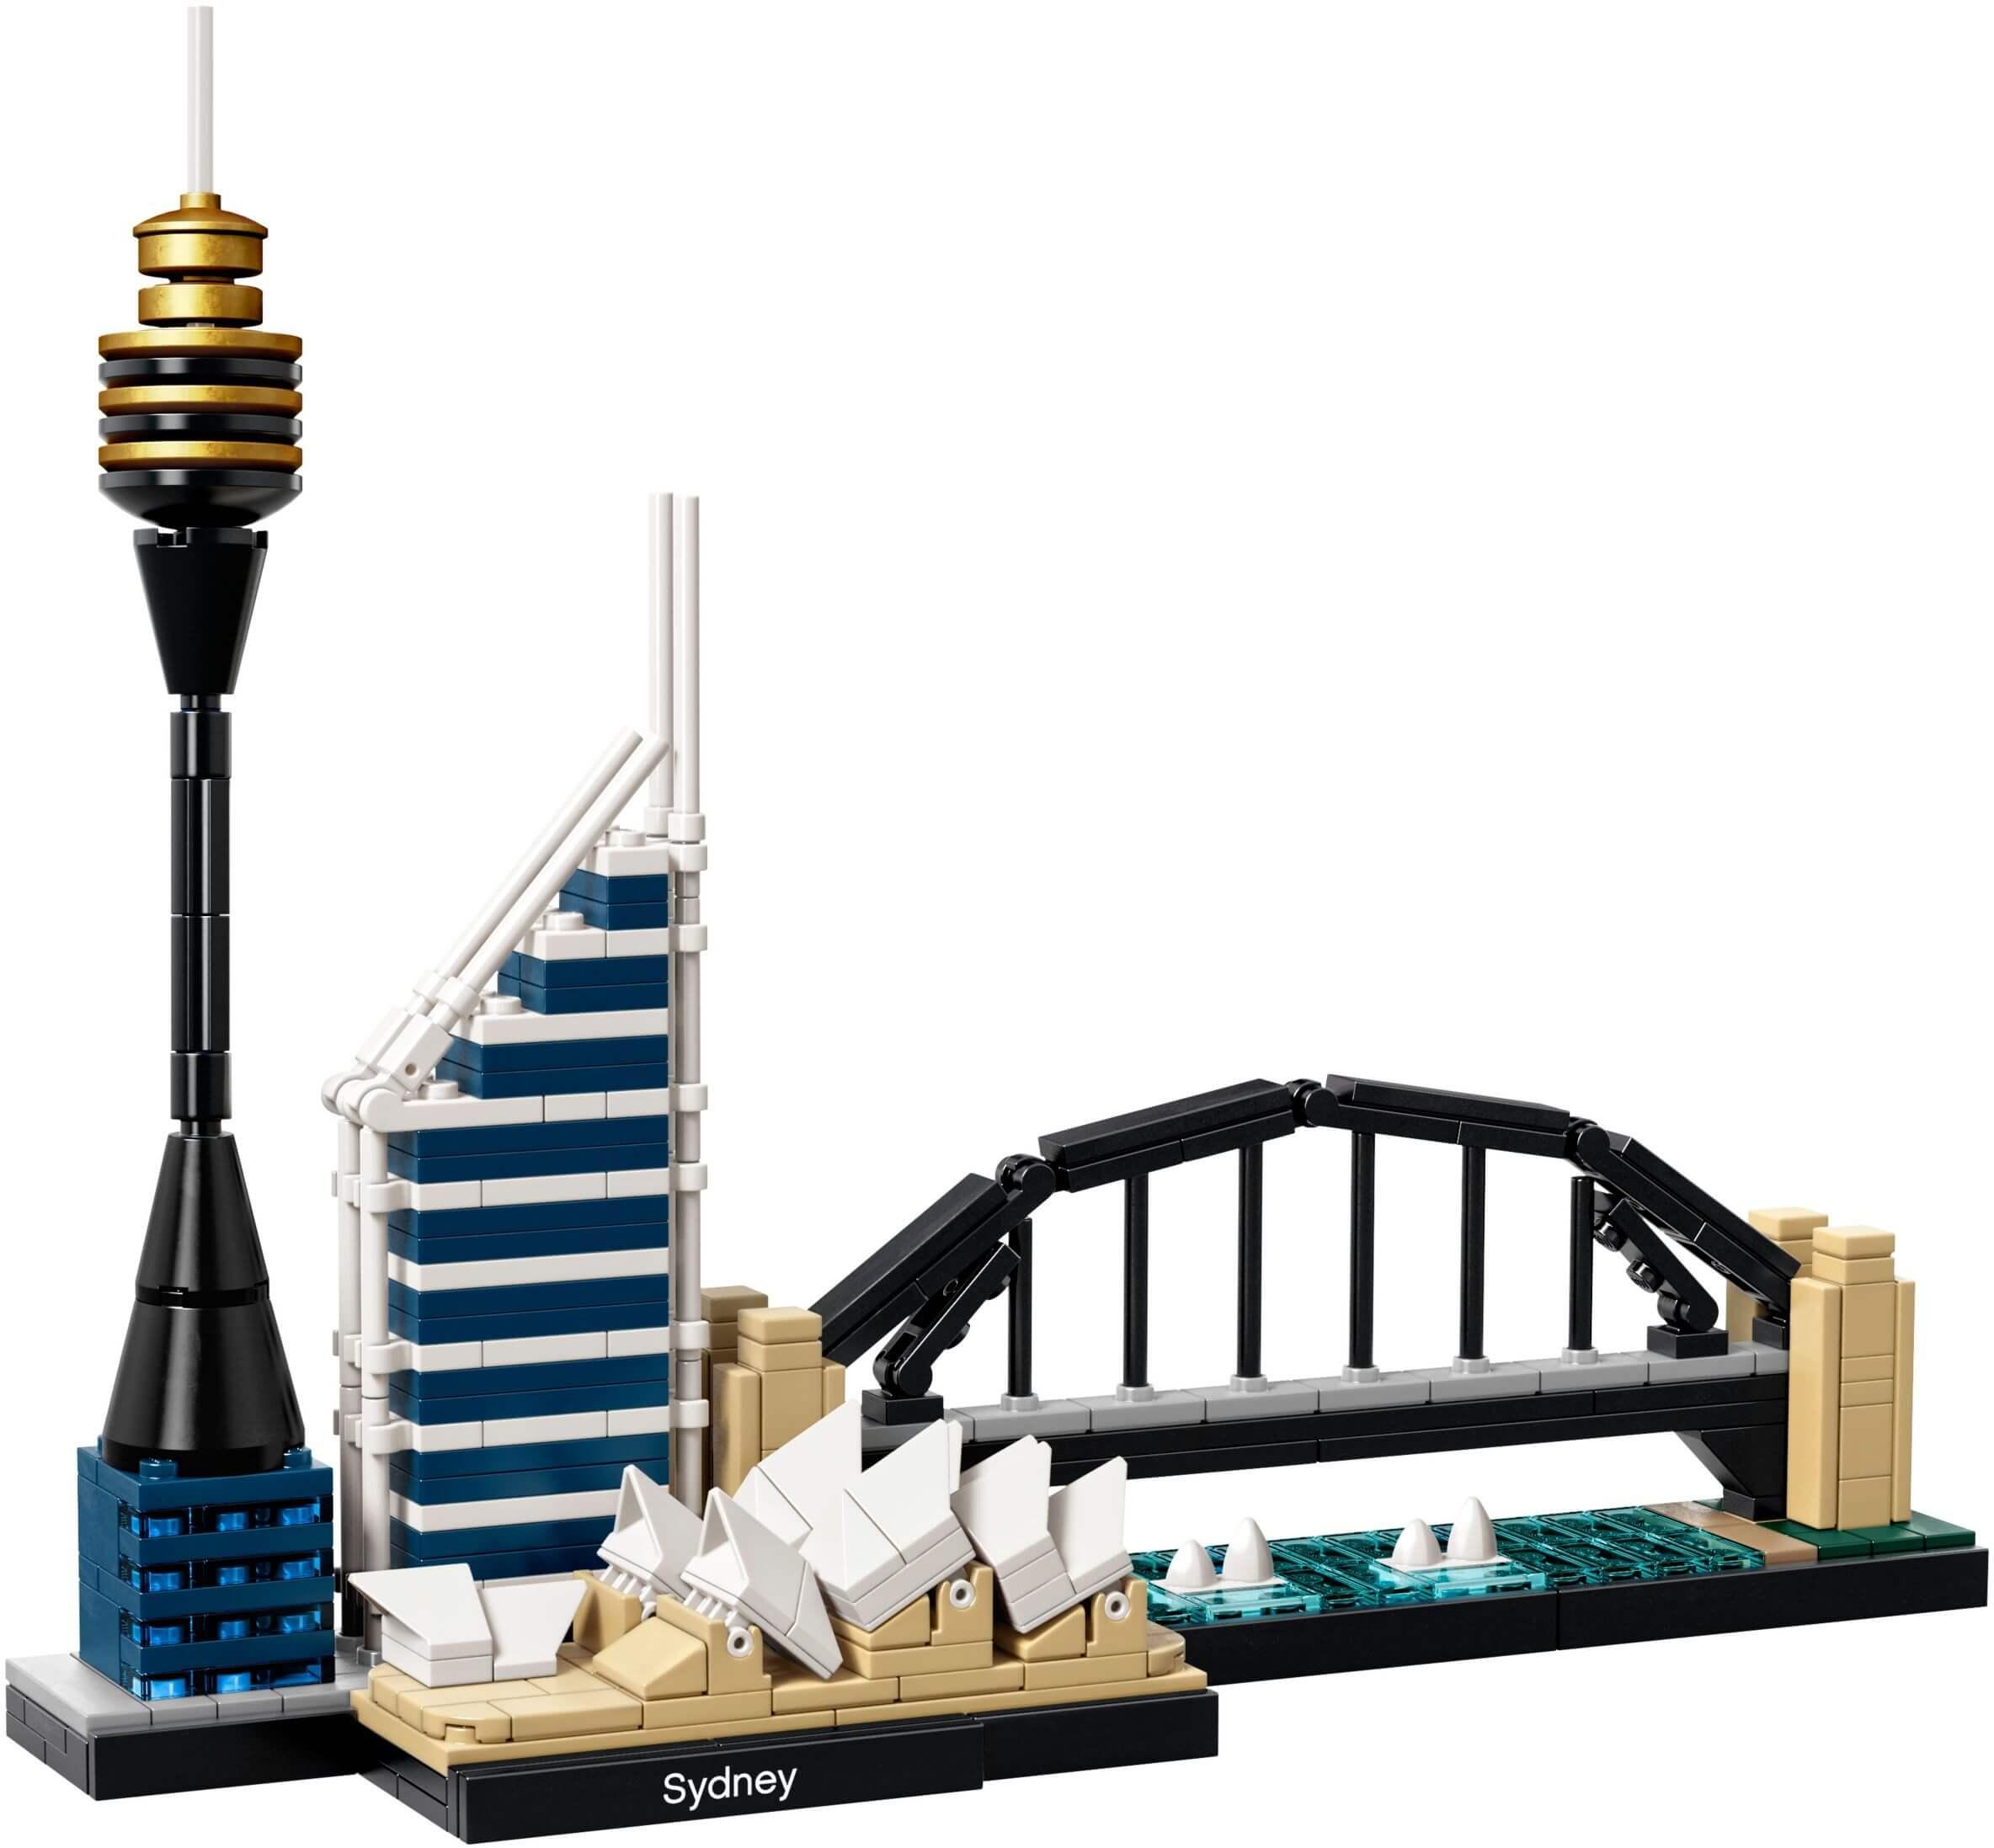 Mua đồ chơi LEGO 21032 - LEGO Architecture 21032 - Thành Phố Sidney (LEGO 21032 Sidney)